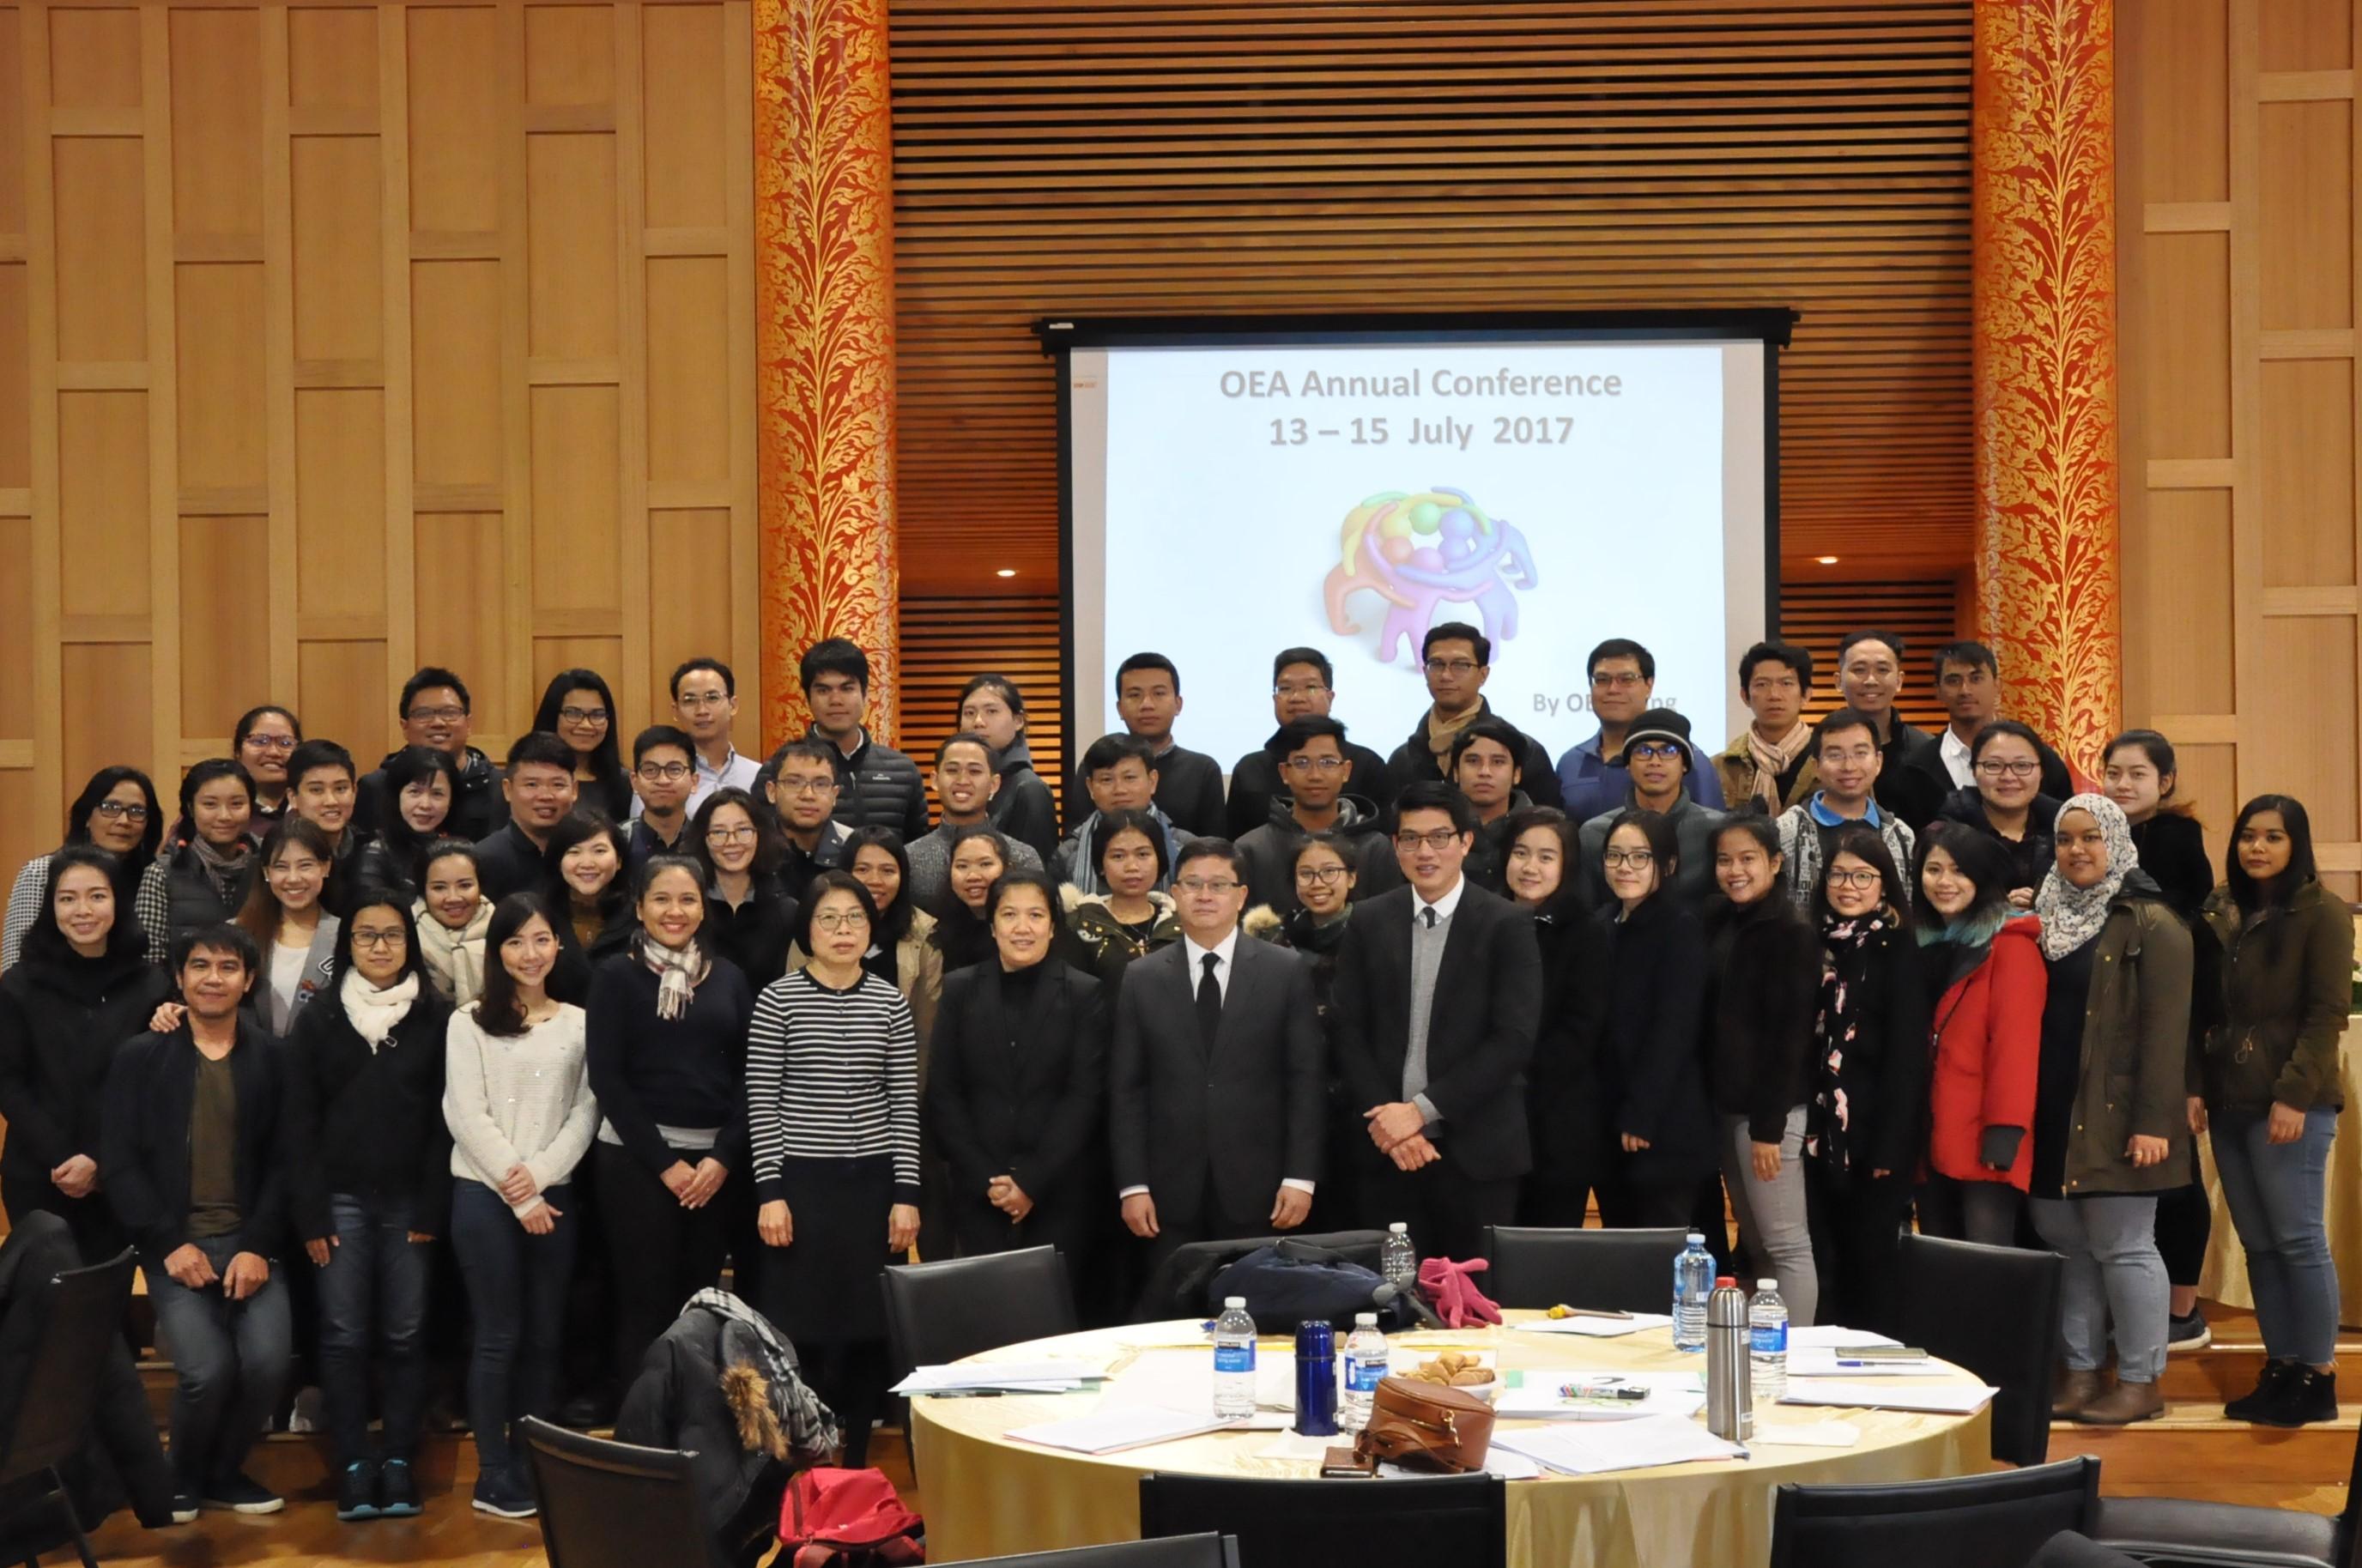 เรียน นักเรียนทุนฯ ทุกท่านค่ะ จากโครงการการประชุมสัมมนา ประจำปี 2560 ที่มีขึ้นในวันที่ 13-15 กรกฎาคม 2560 […]